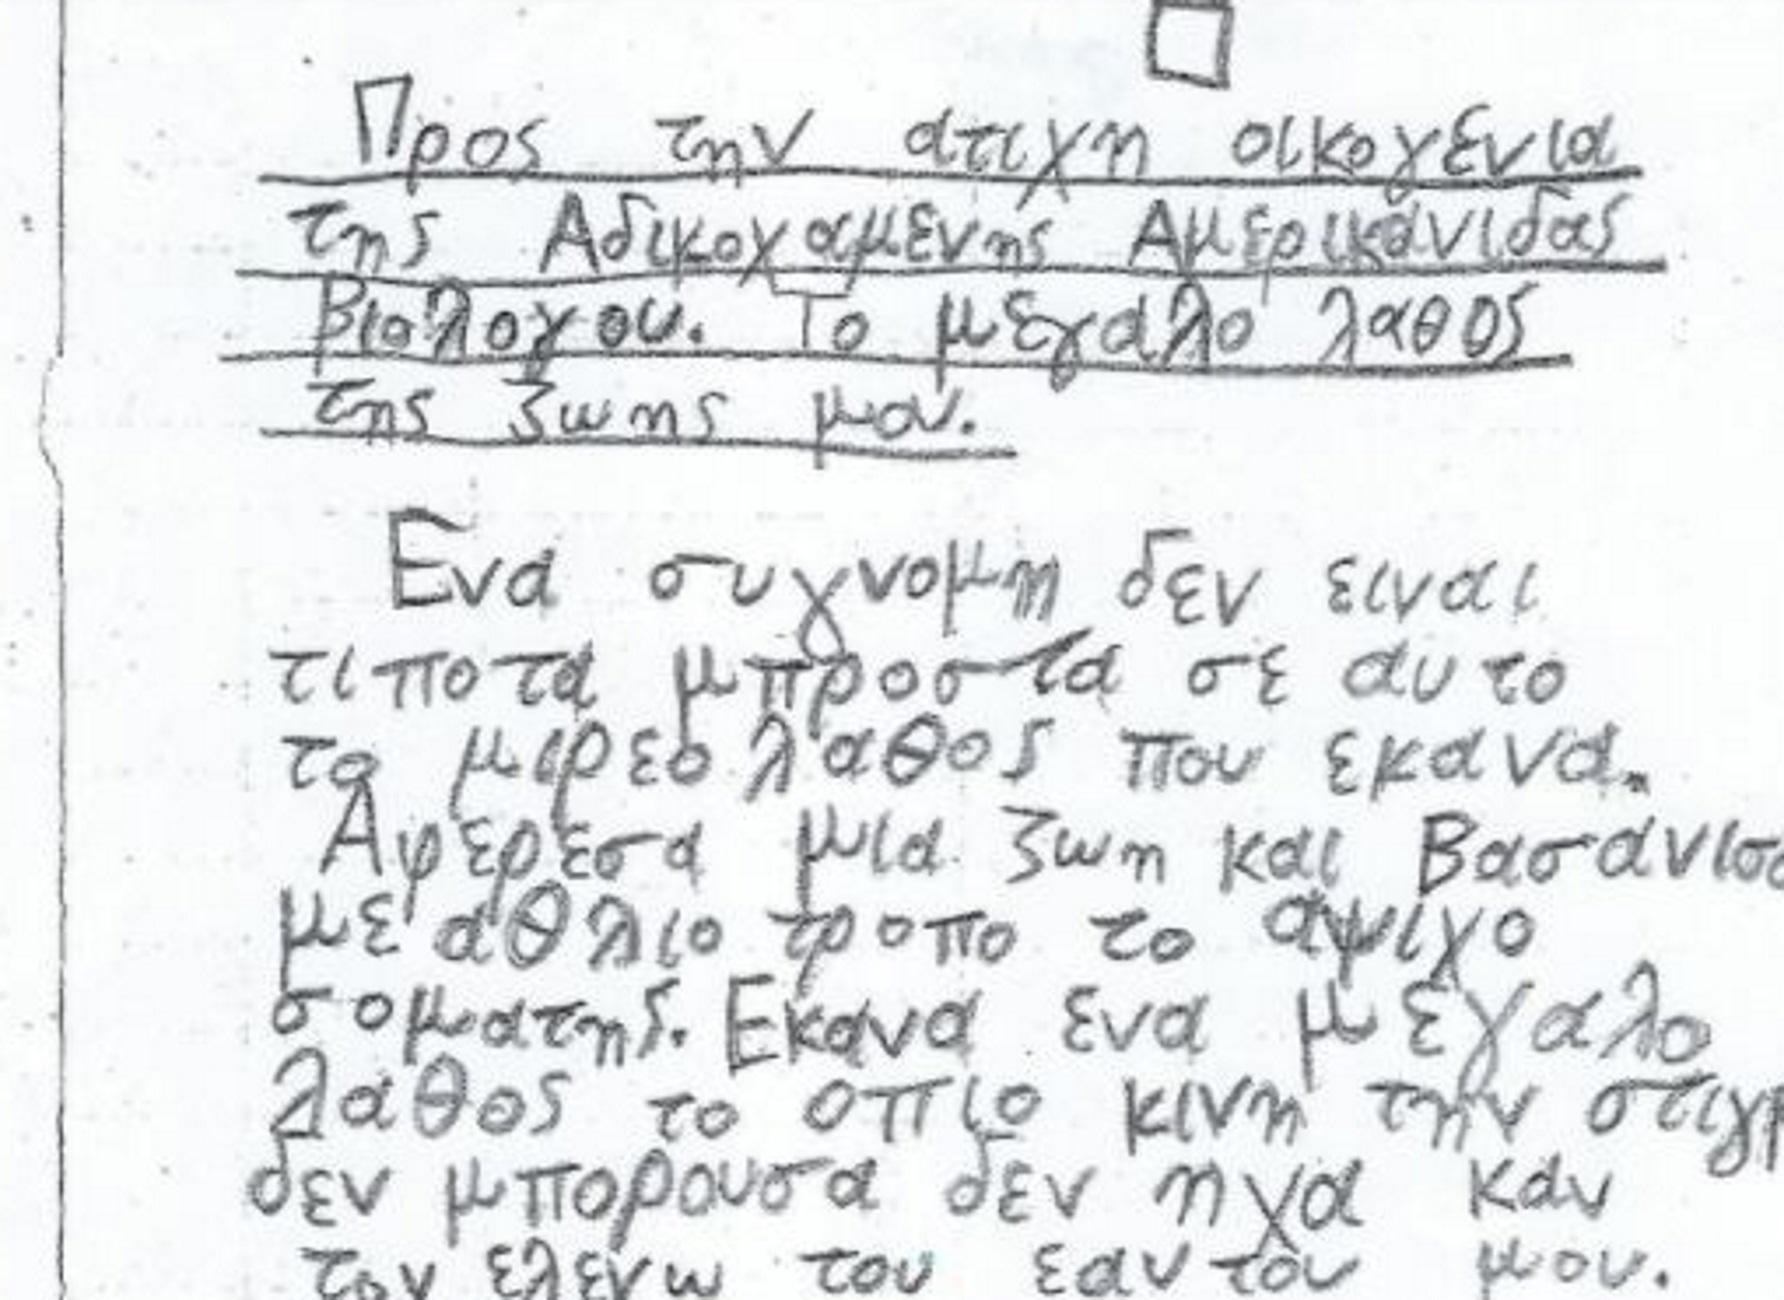 επιστολή στην οικογένεια της Suzanne Eaton